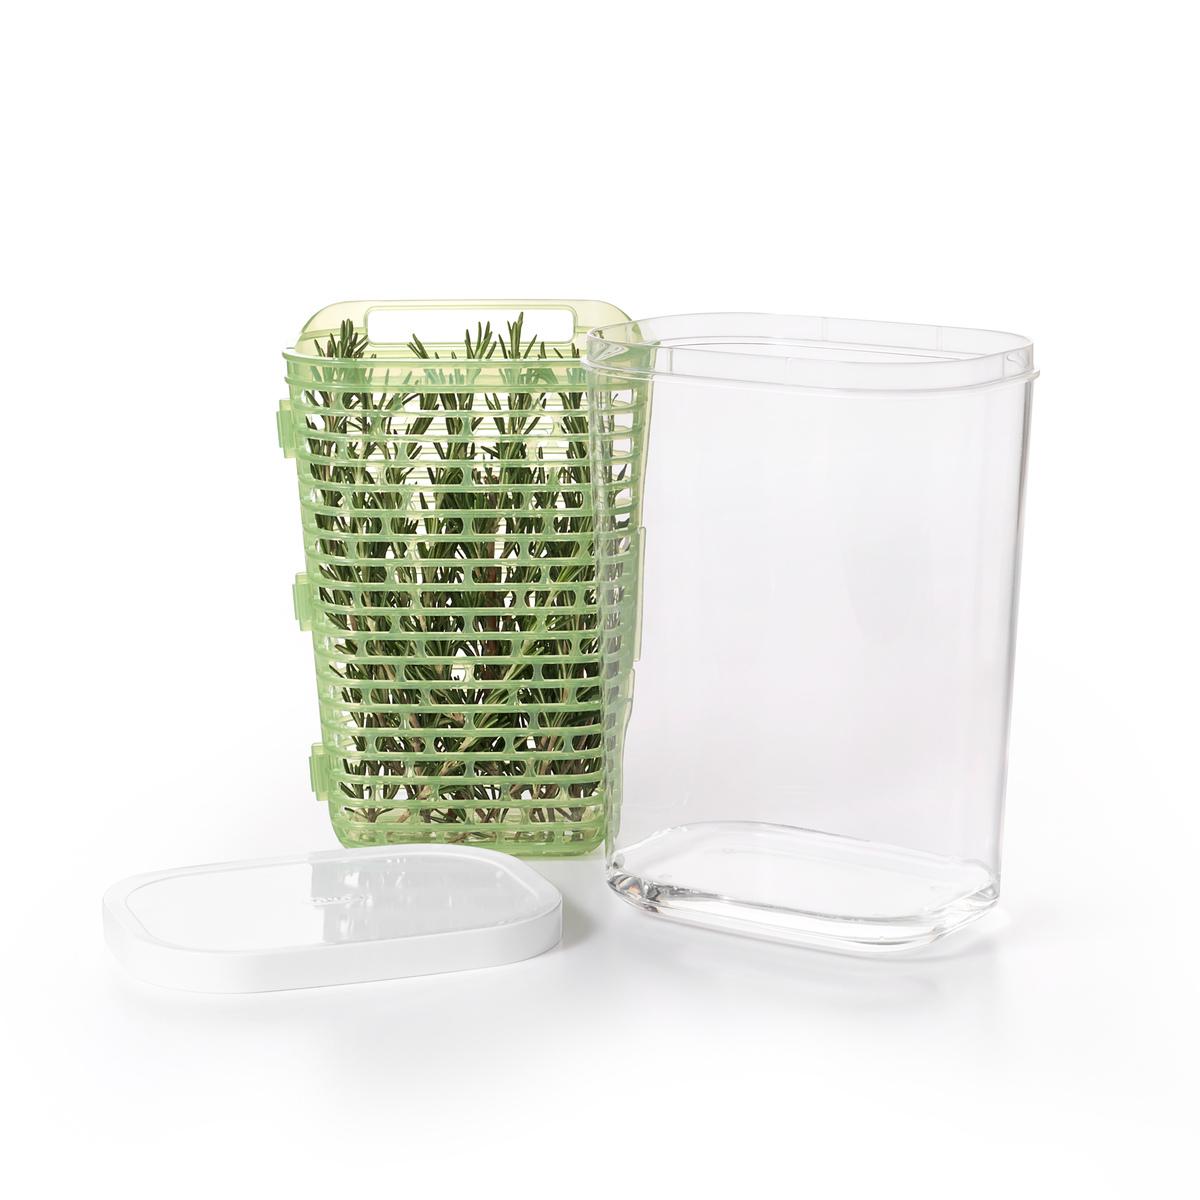 Онлайн каталог PROMENU: Контейнер большой для хранения зелени OXO FOOD STORAGE, прозрачный                               11212300